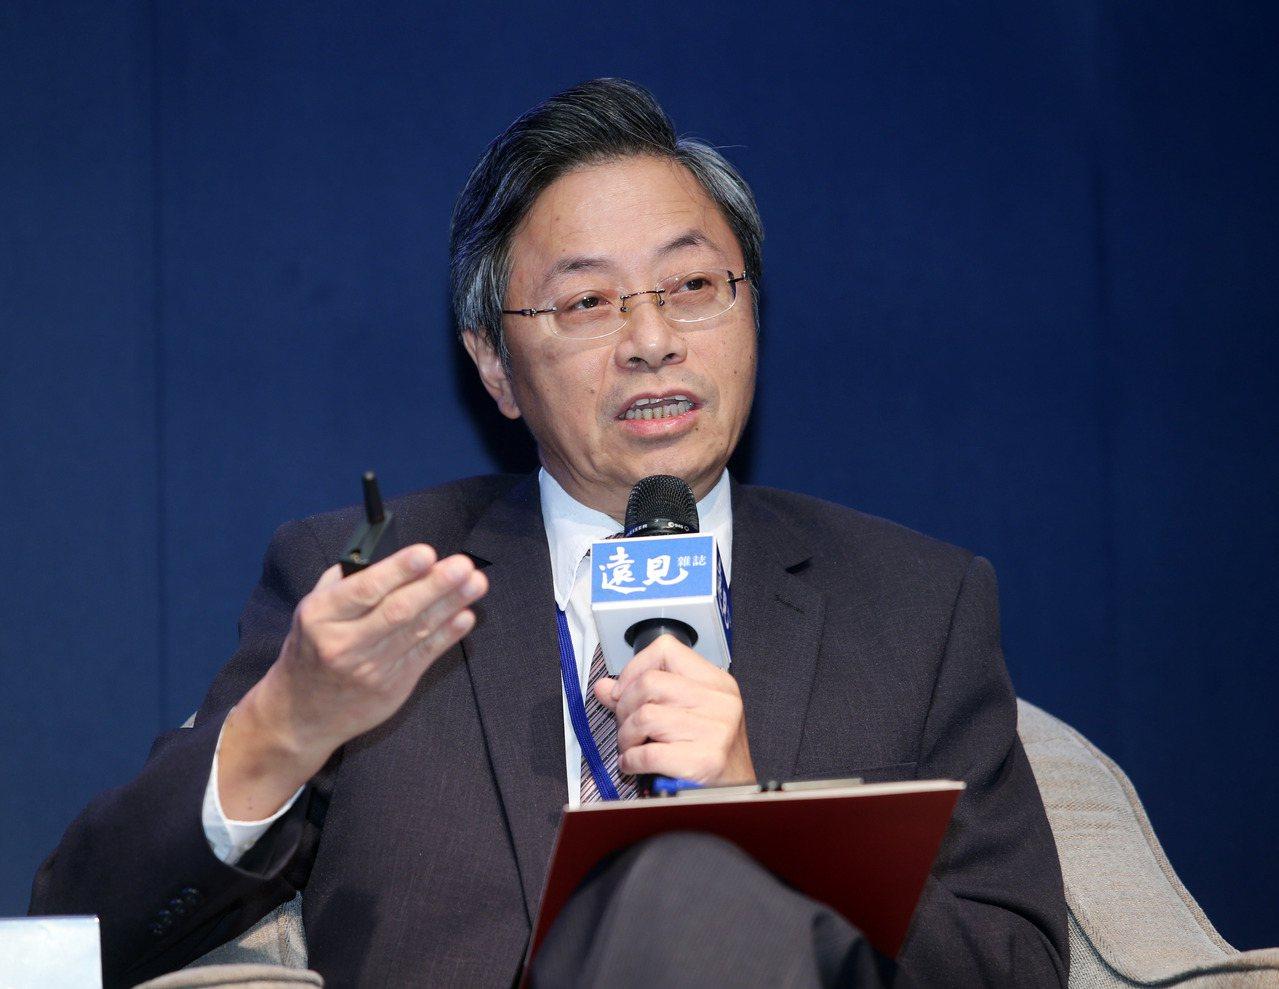 台灣大哥大基金會董事長張善政認為,政府應促使社福與醫療攜手合作,長照2.0才可能...